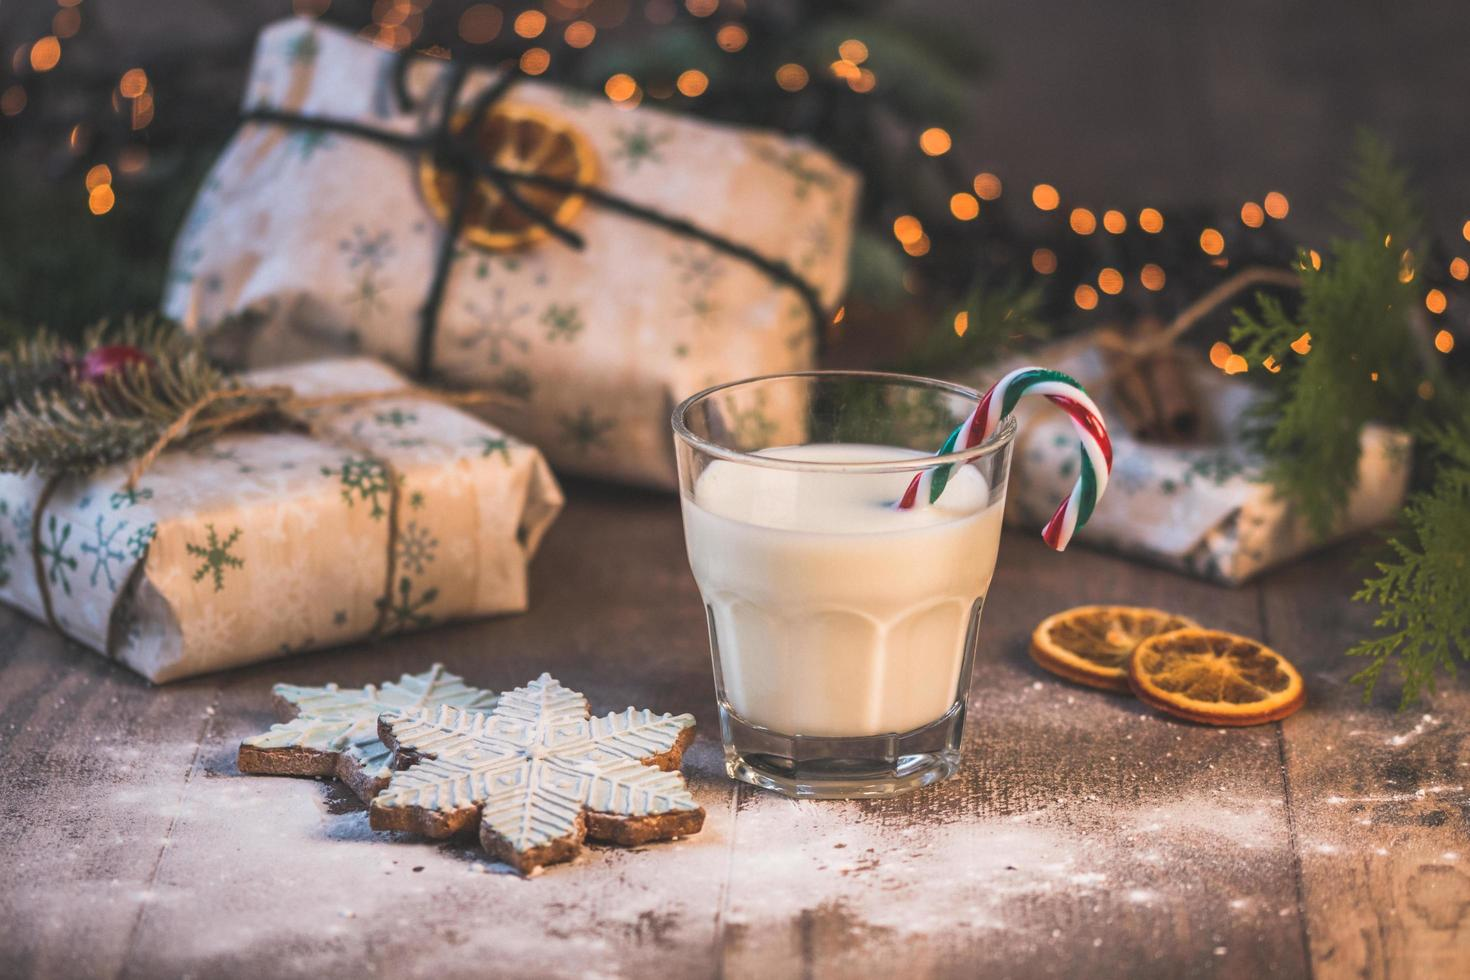 biscotti e latte per le vacanze invernali foto